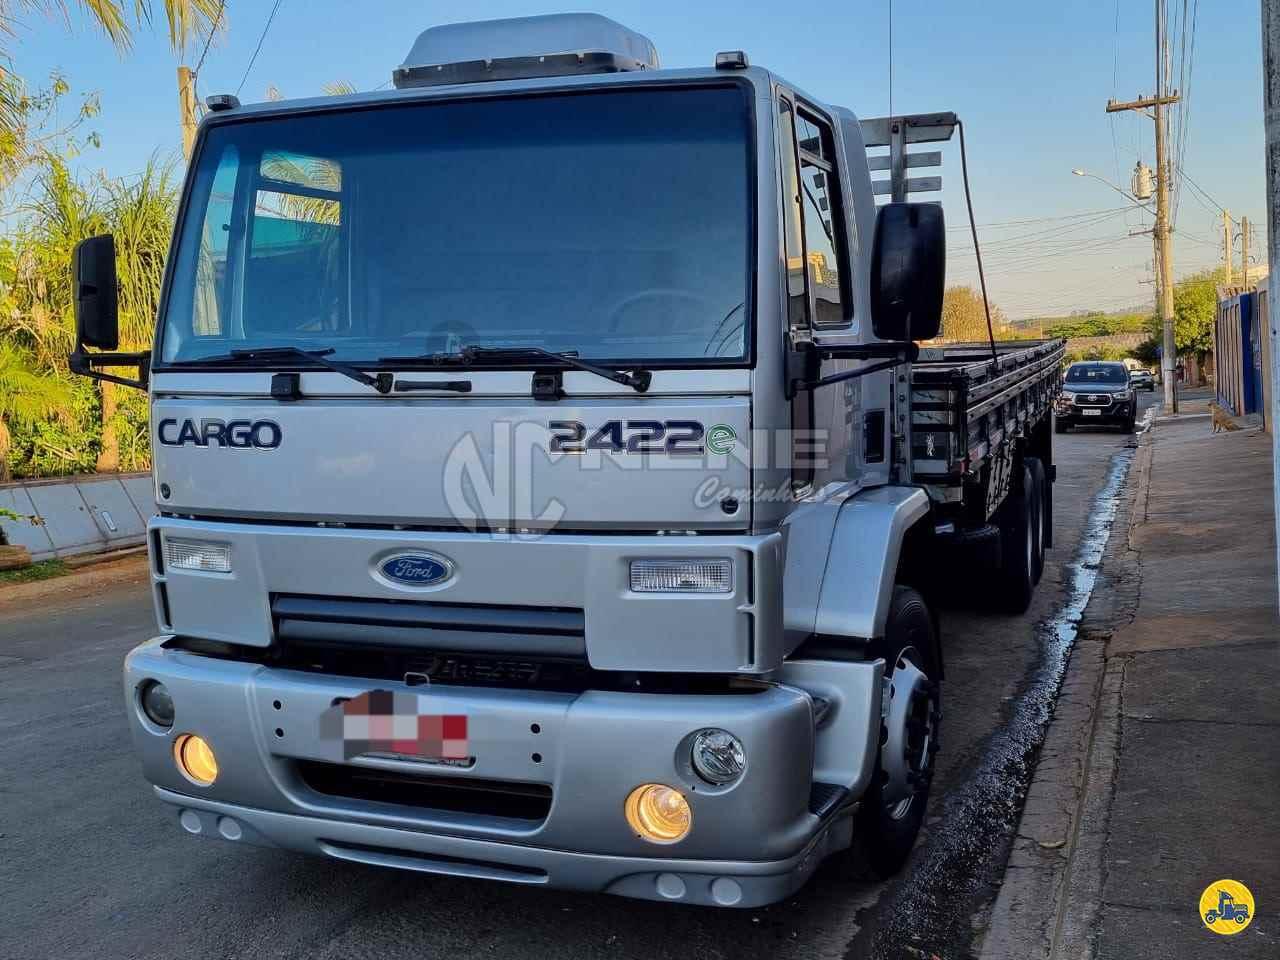 CAMINHAO FORD CARGO 2422 Carga Seca Truck 6x2 Nene Caminhões SAO JOAO DA BOA VISTA SÃO PAULO SP